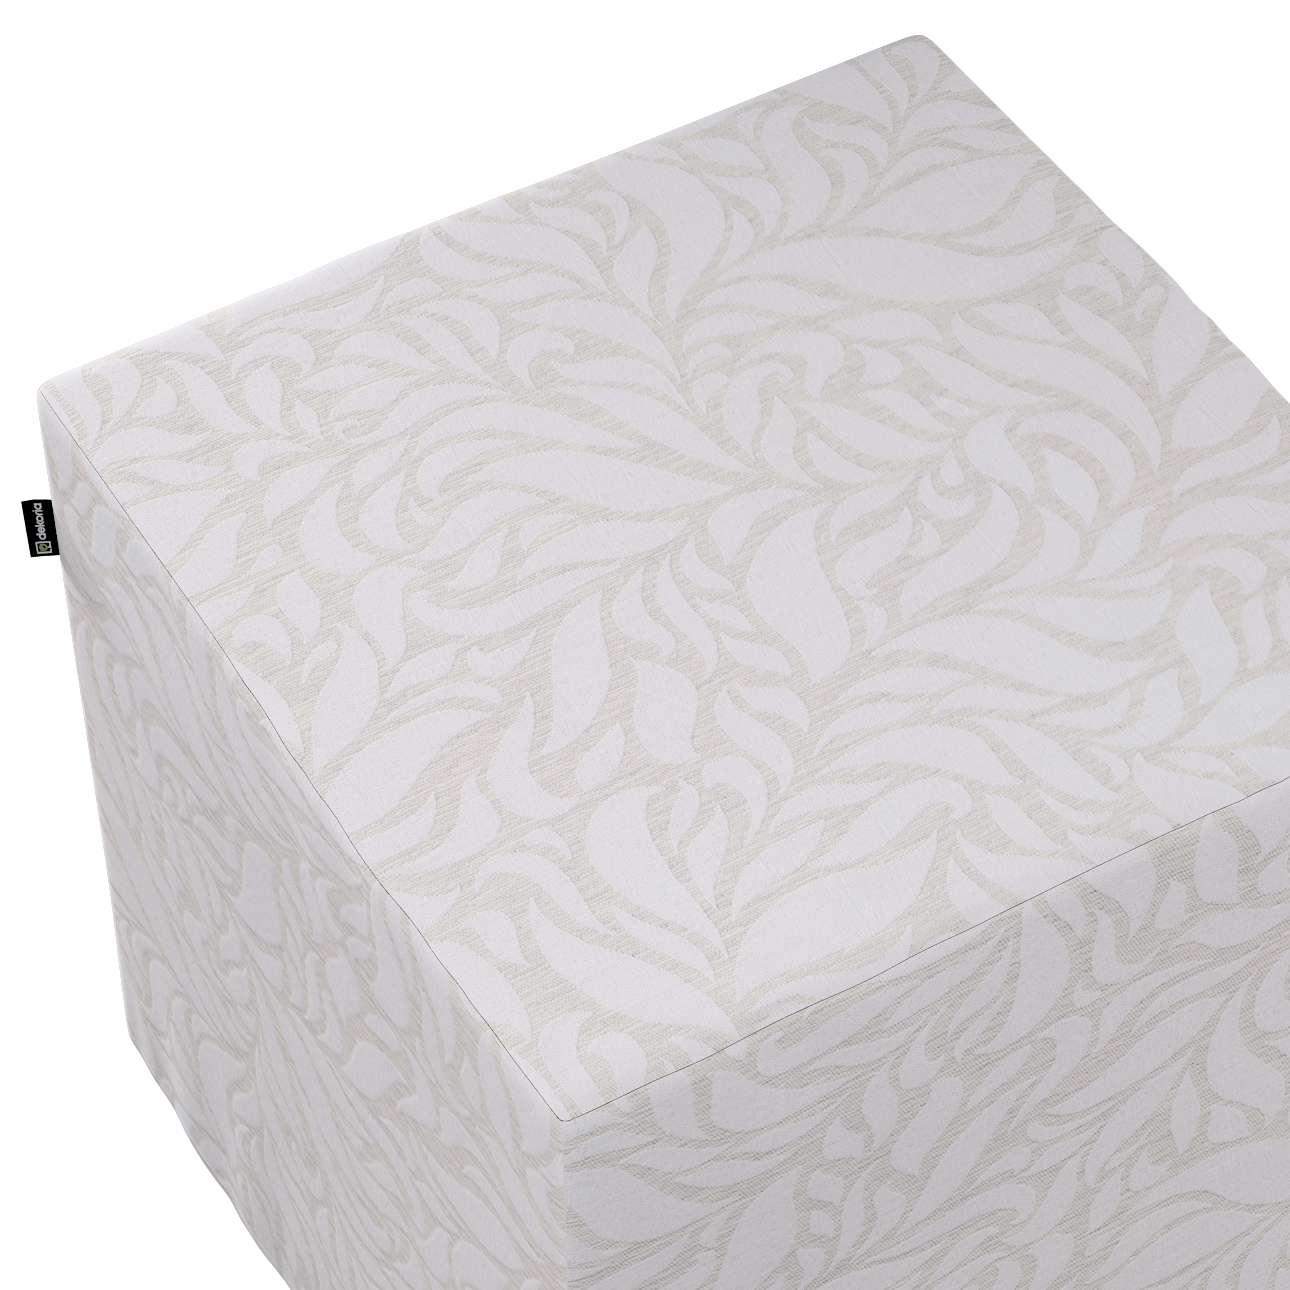 Taburetka tvrdá, kocka V kolekcii Venice, tkanina: 140-50